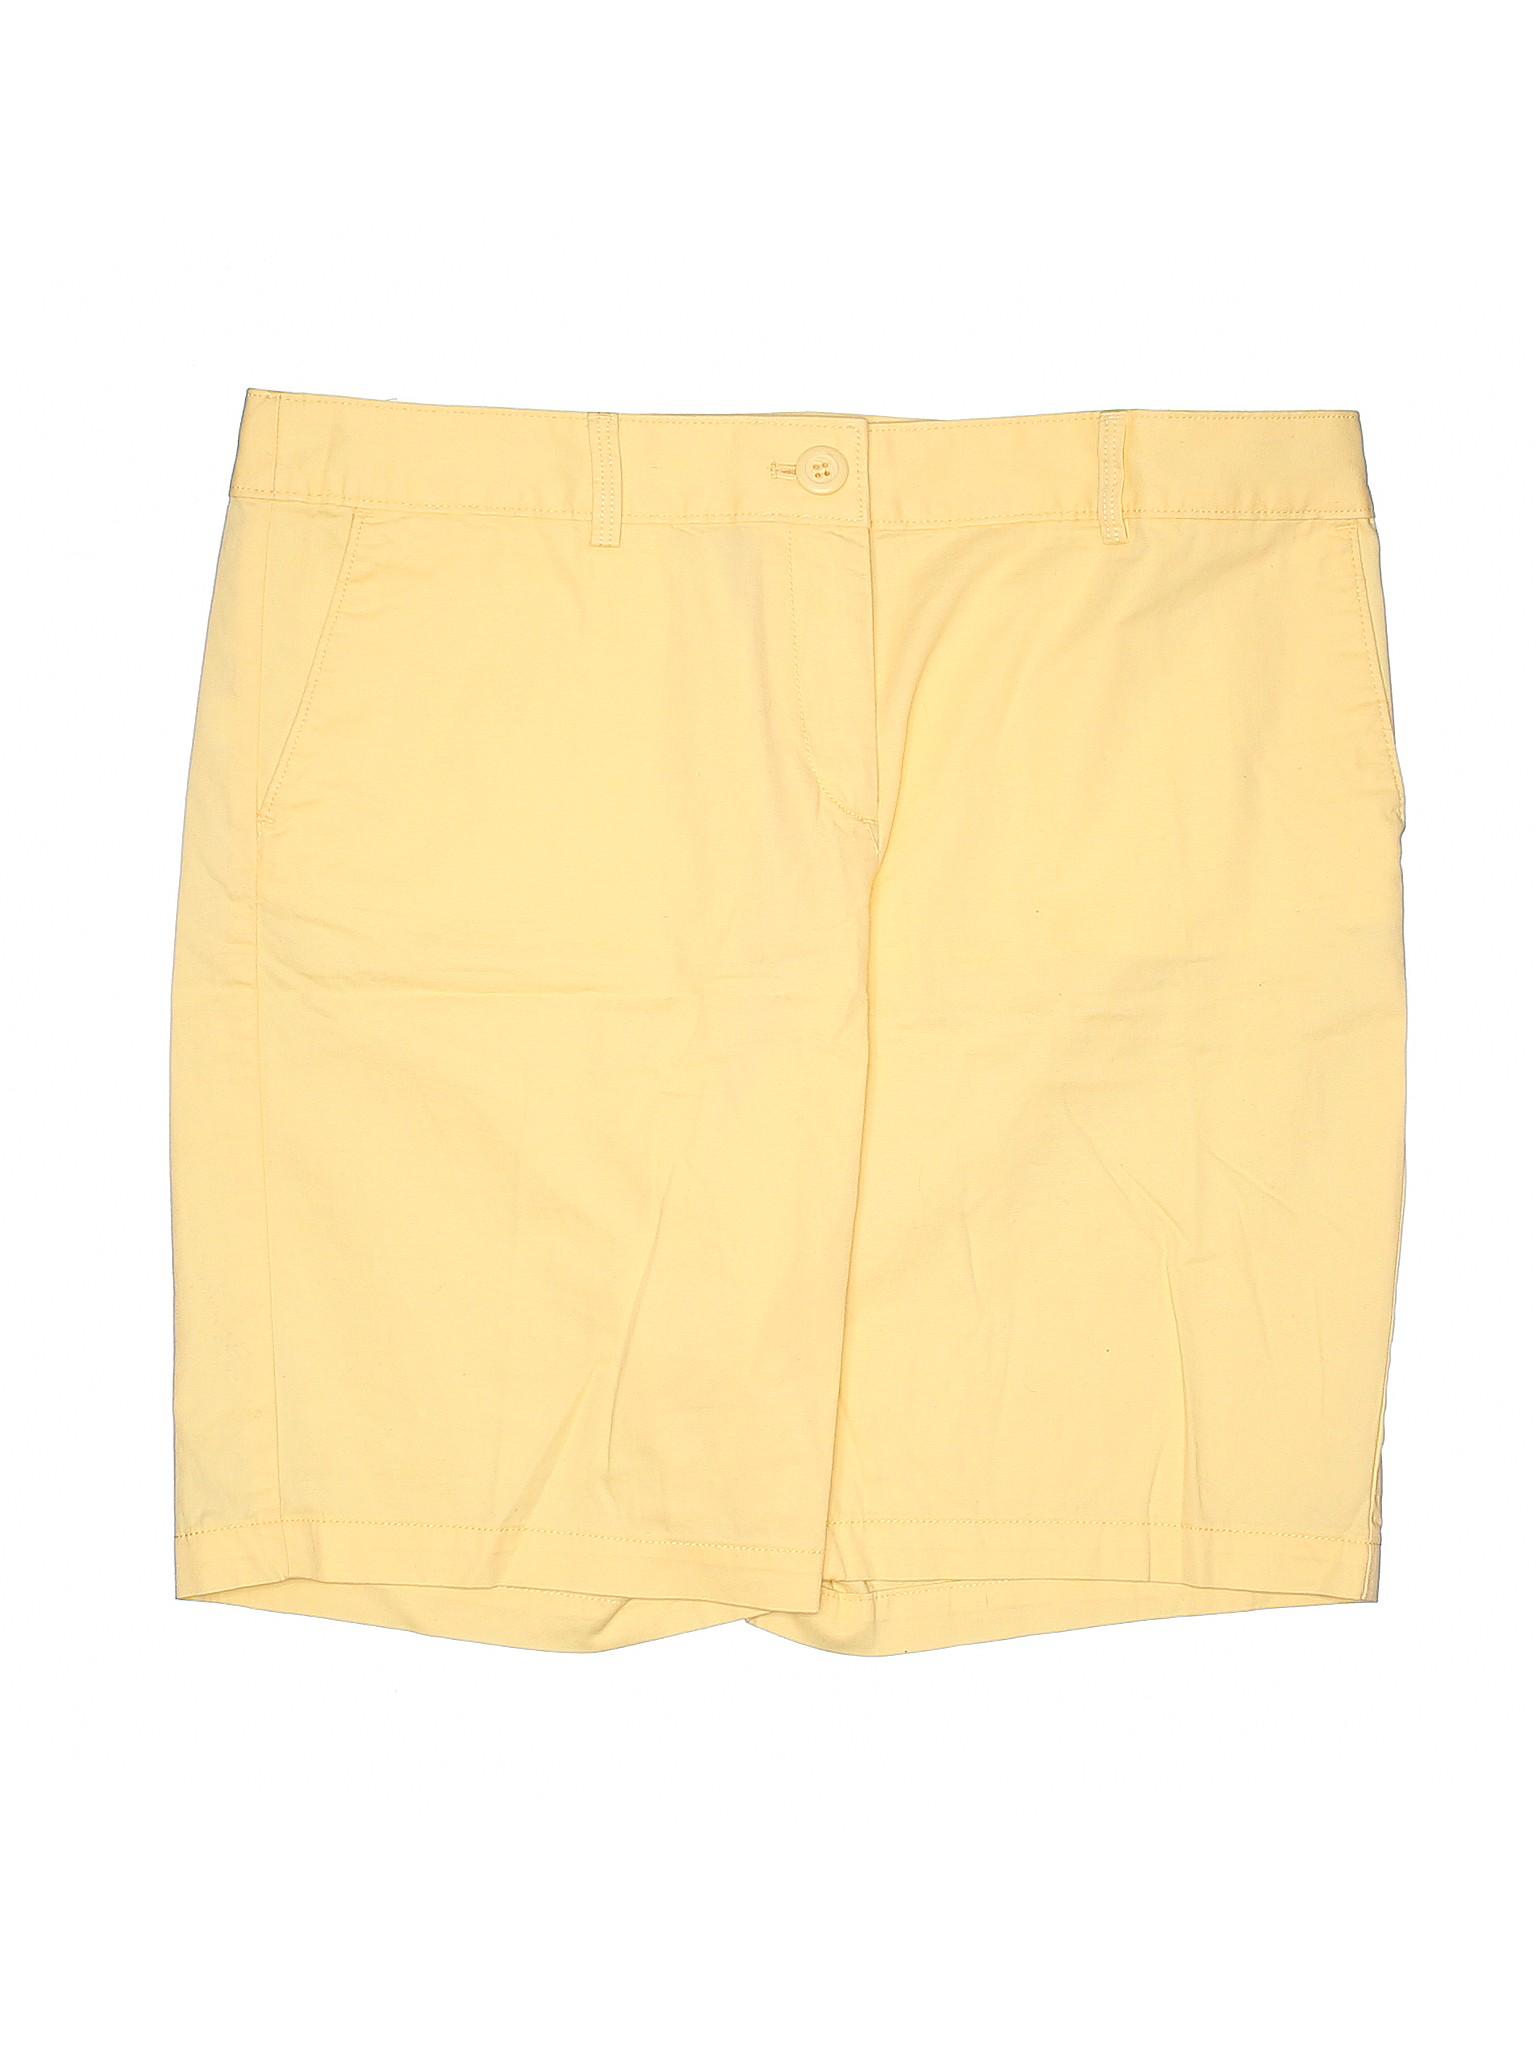 Boutique Shorts Boutique Taylor LOFT Boutique LOFT LOFT Ann Taylor Shorts Shorts Ann Ann Taylor Xn8pFOxwq